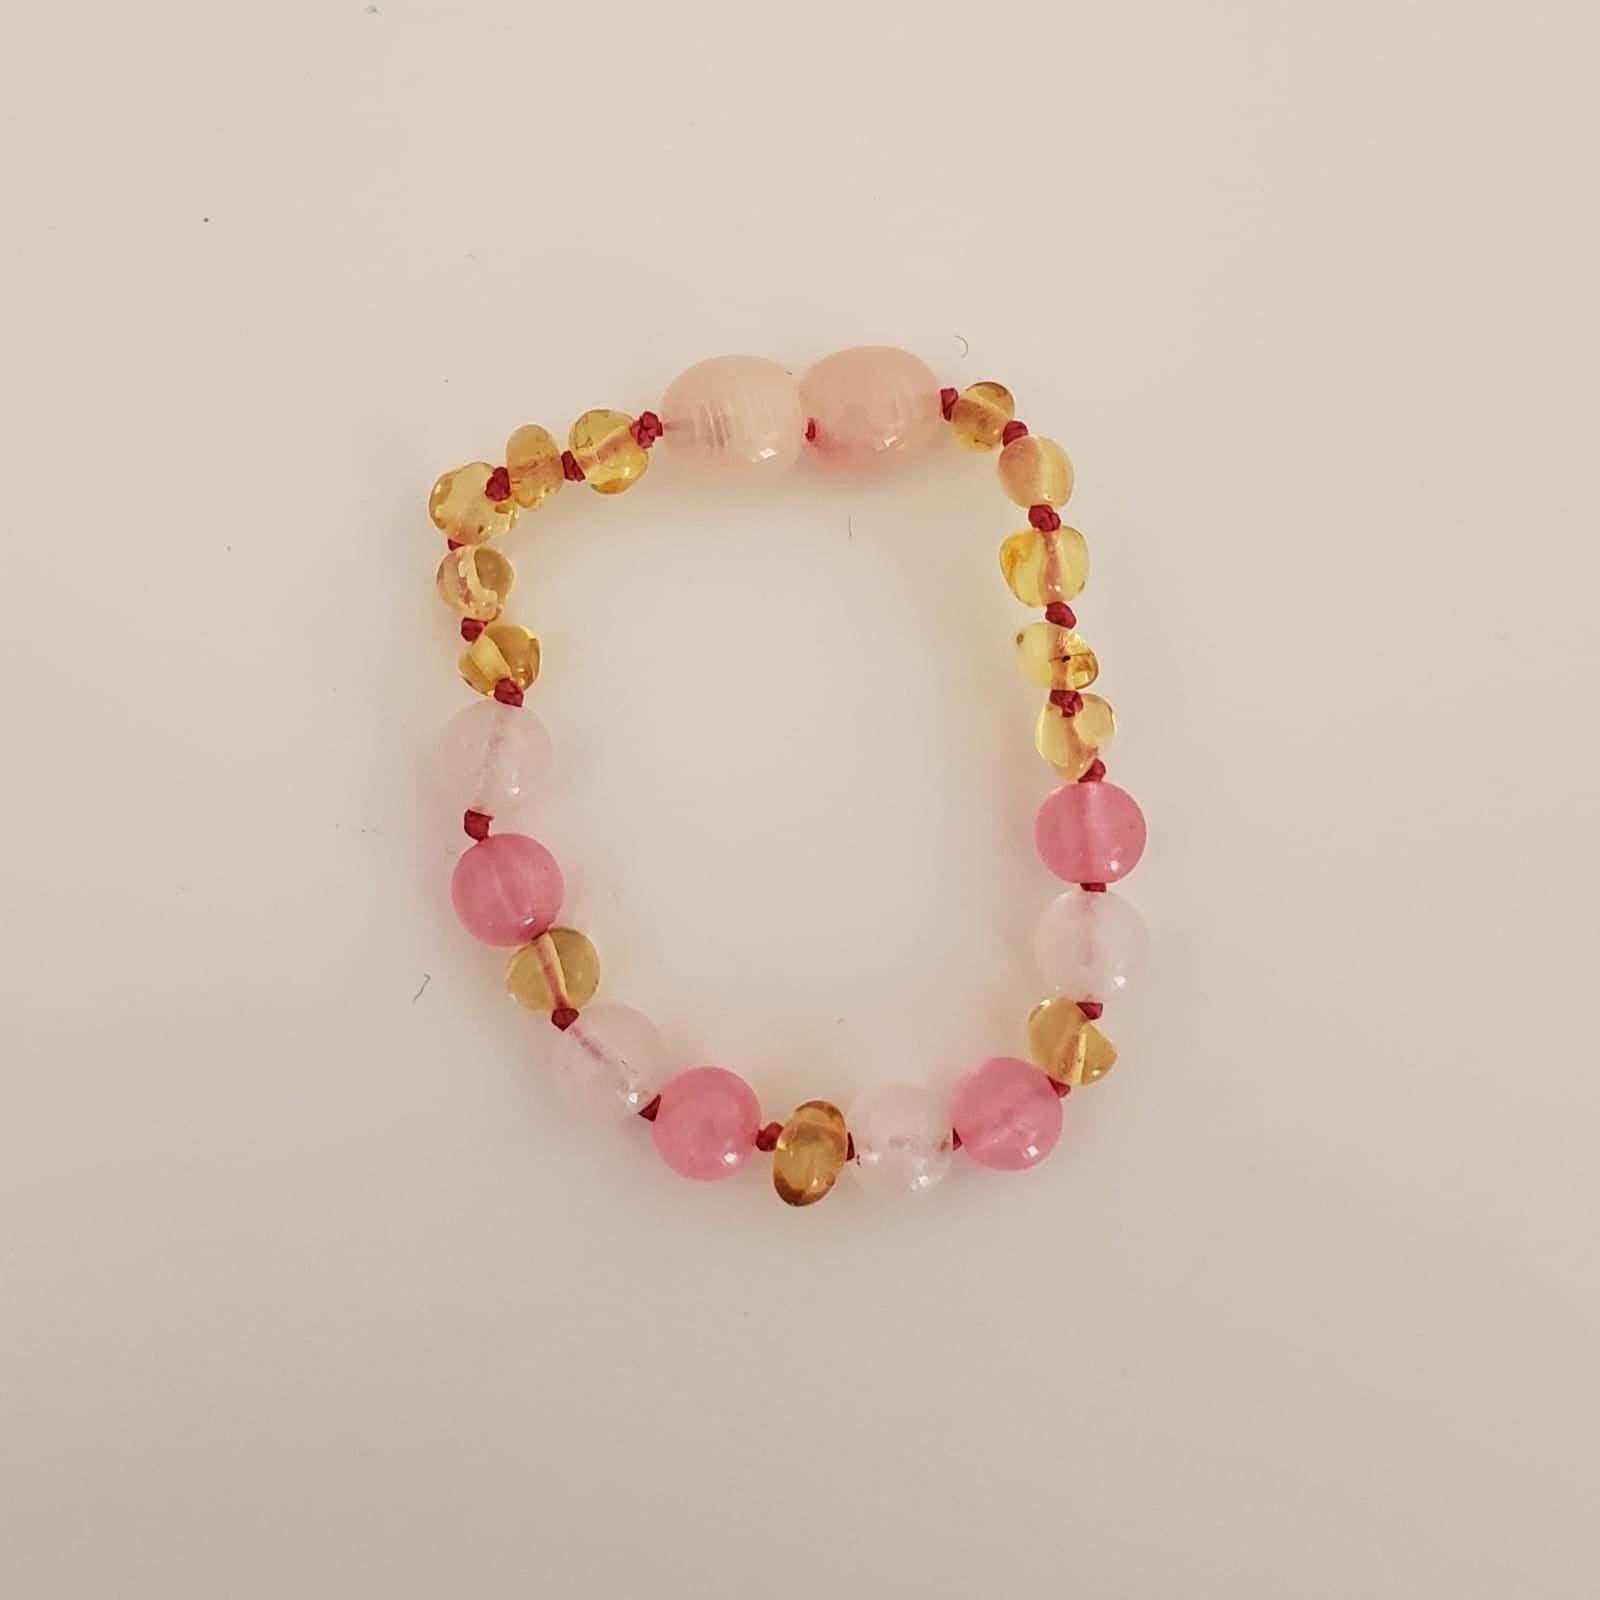 Pulseira Ambar Infantil com Pedras Rosa - 14cm